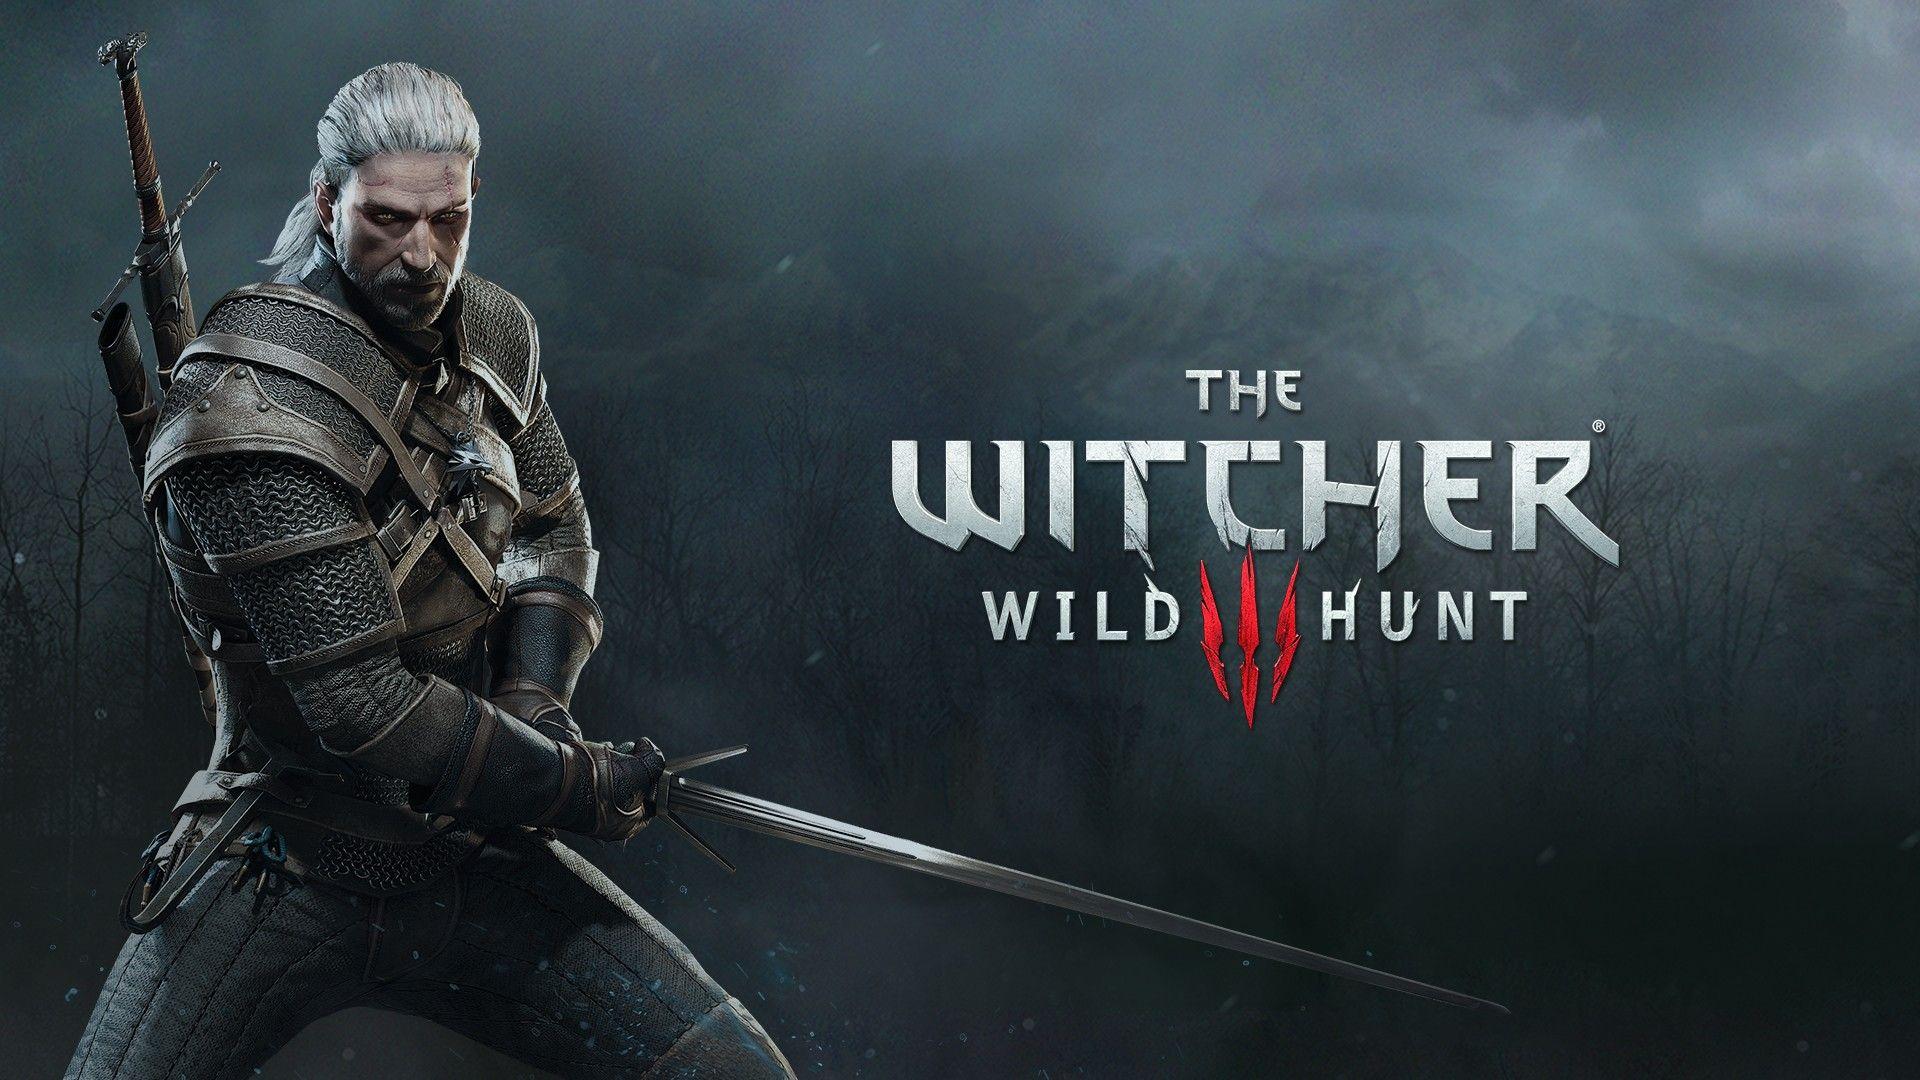 Постер The Witcher 3: Wild Hunt